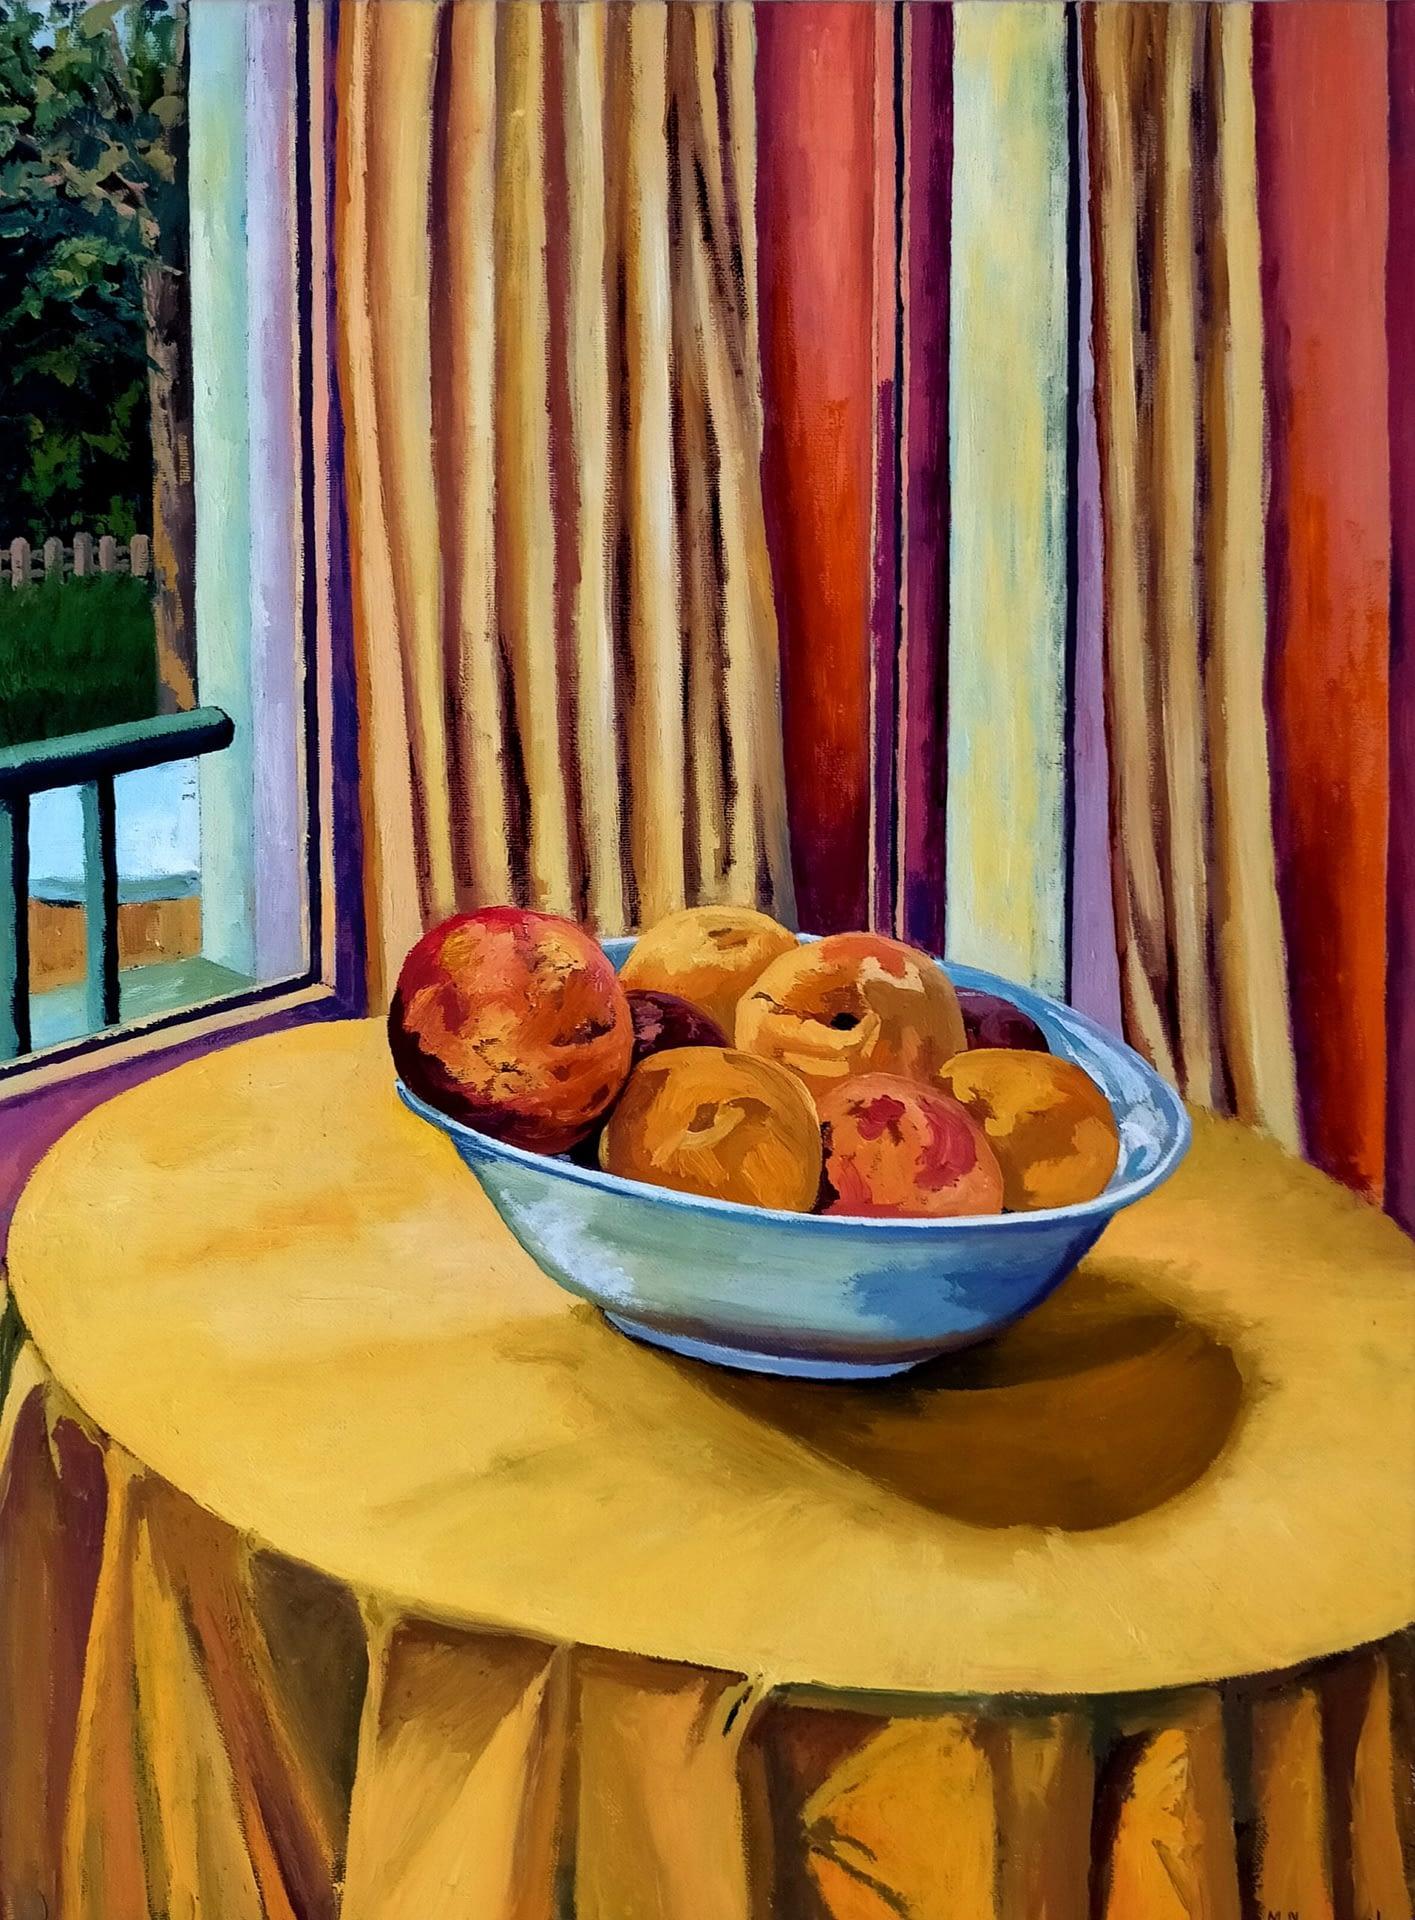 Melocotones sobre mesa amarilla